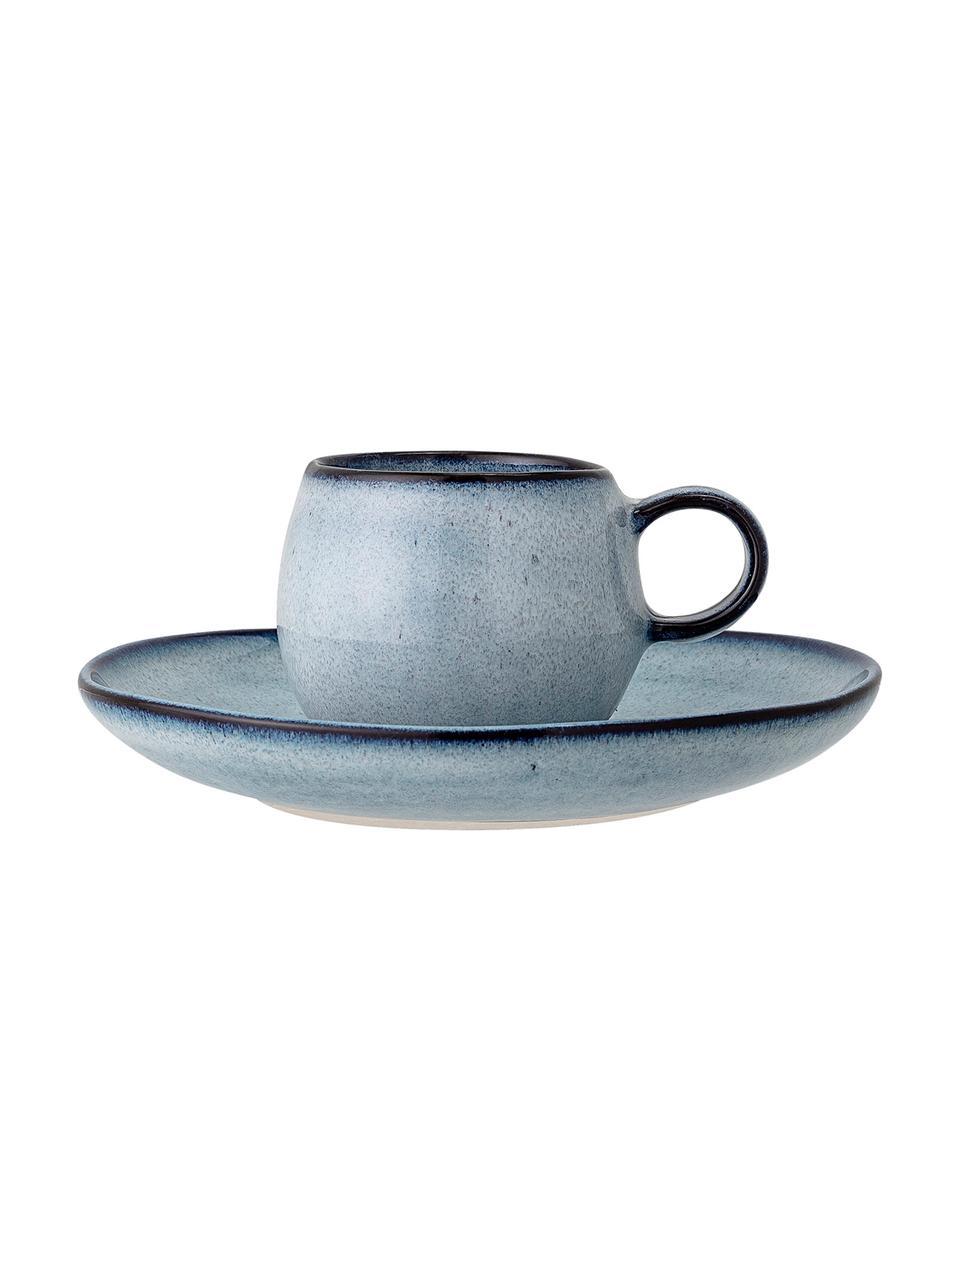 Handgemachte Espressotasse mit Untertasse Sandrine in Blau, Steingut, Blautöne, Ø 7 cm x H 6 cm